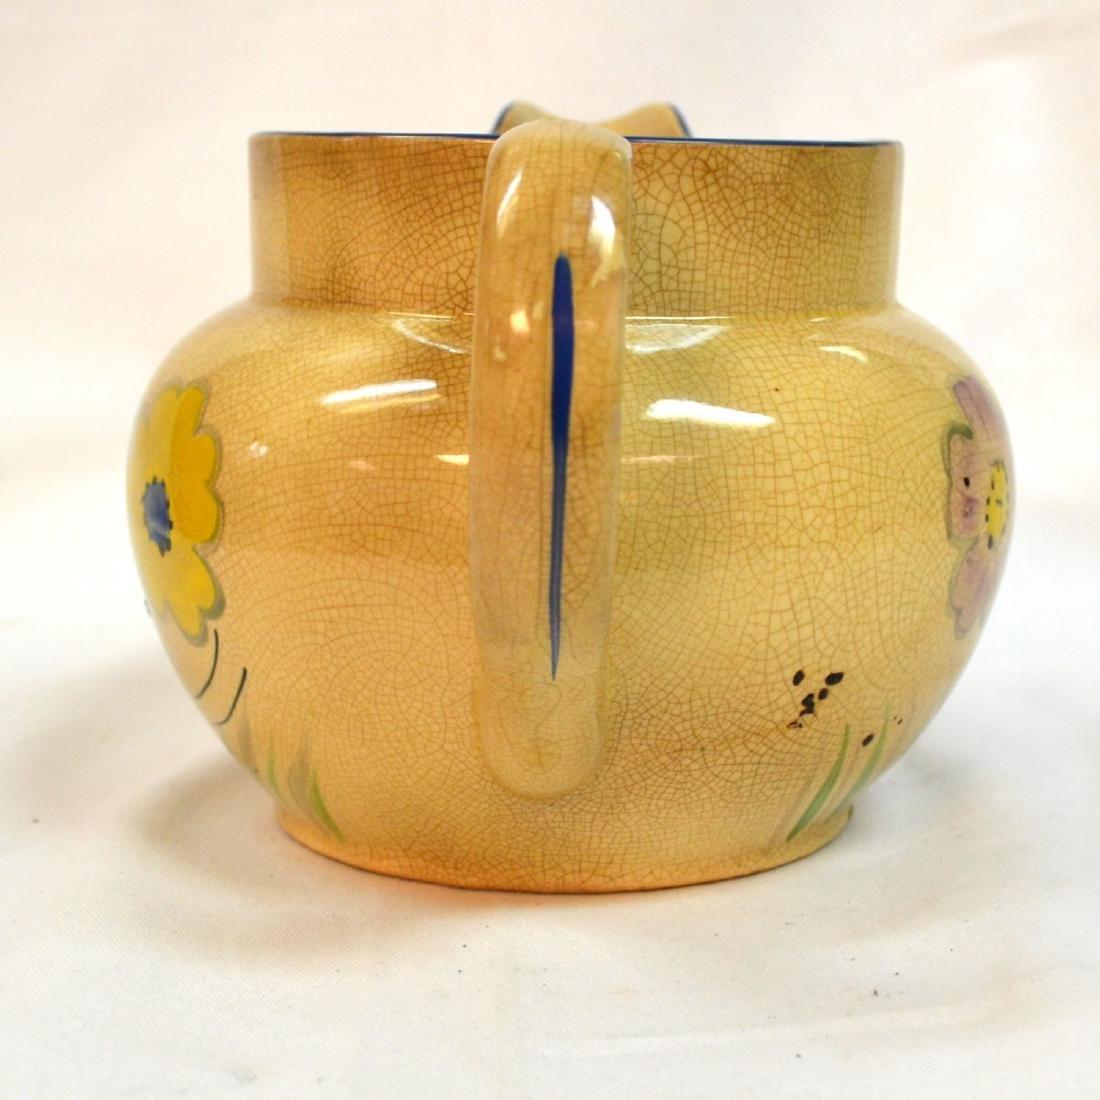 Antique Kensington Pottery Picher England - 4